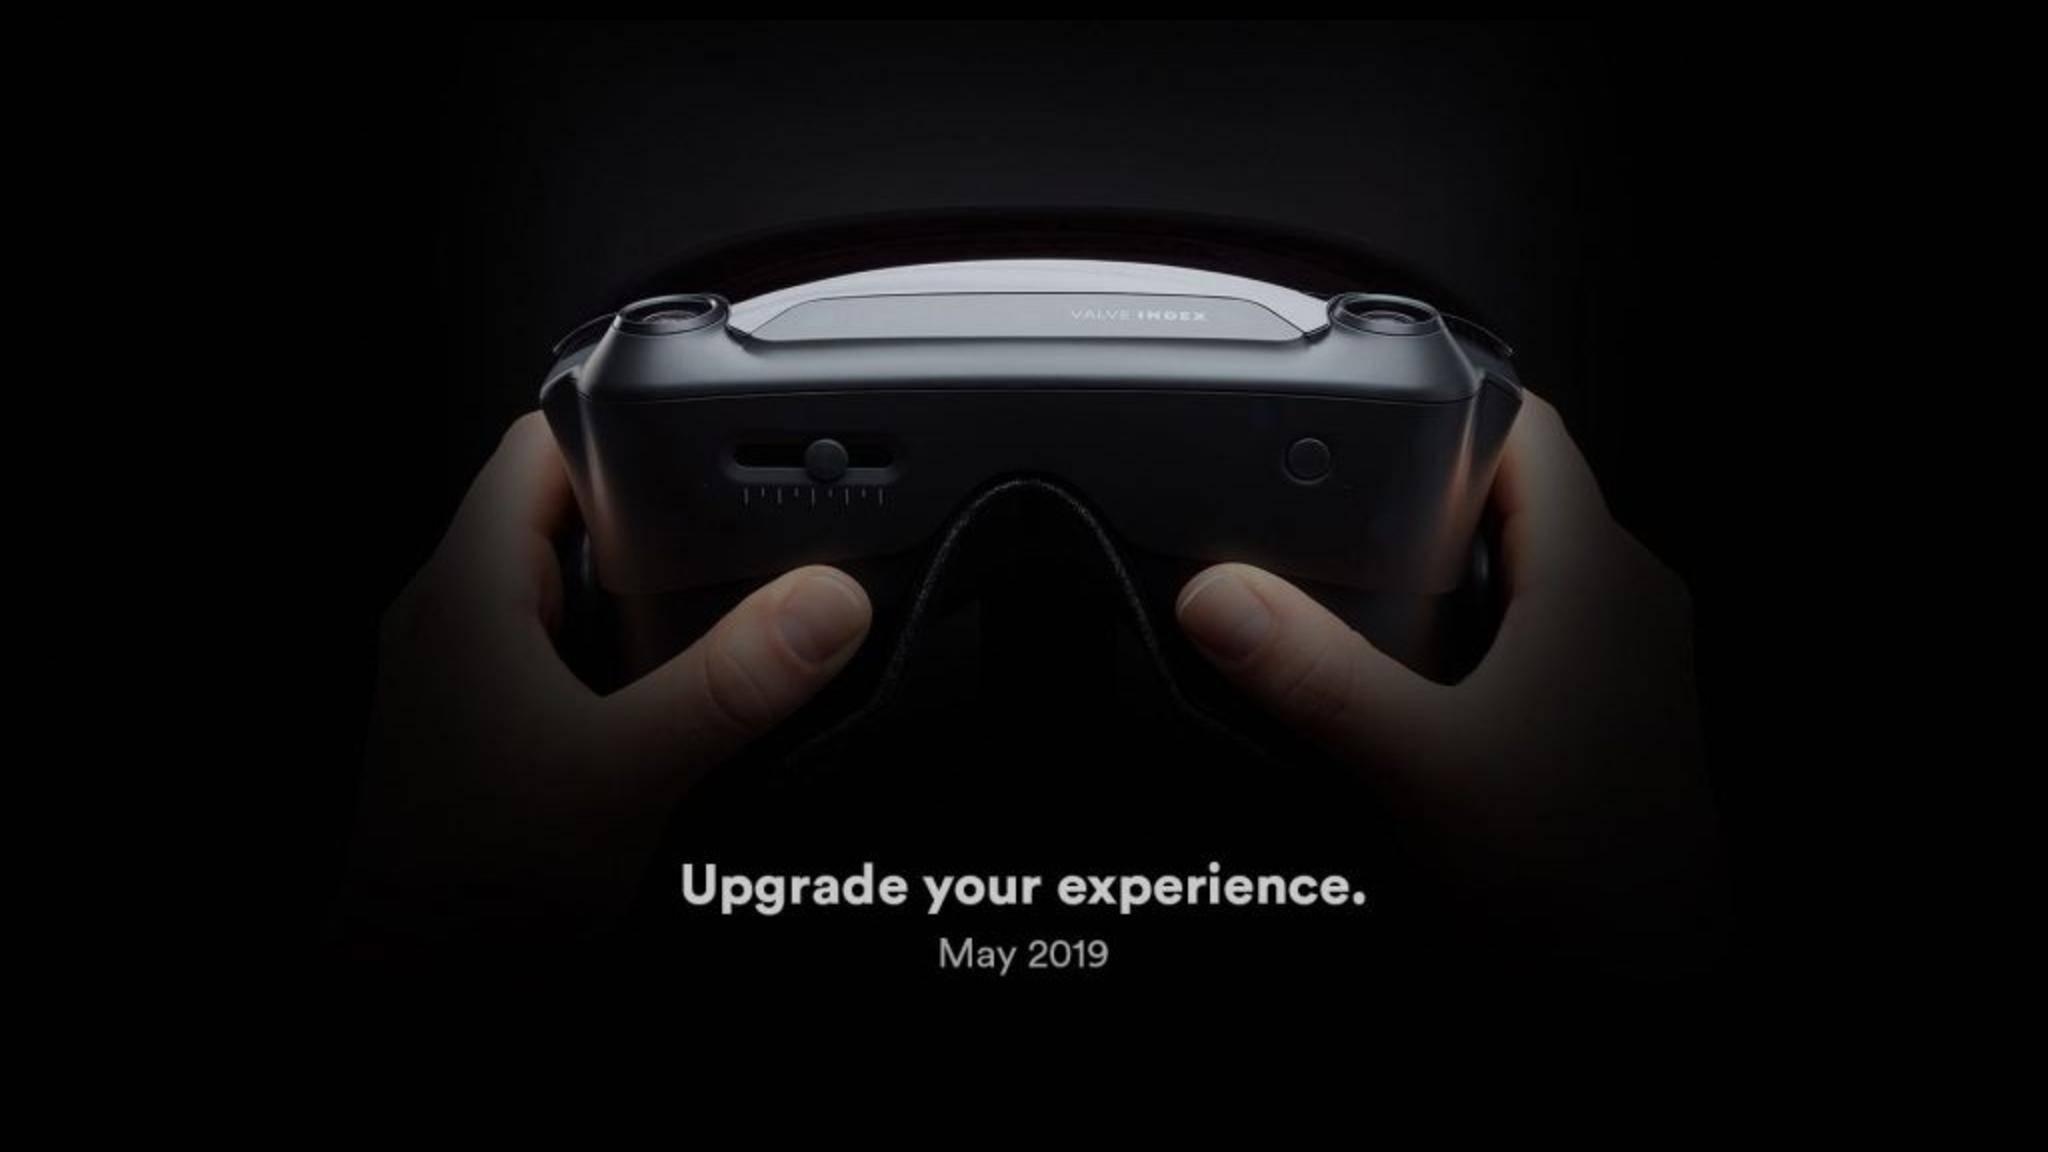 Dieses Bild soll die VR-Brille Valve Index zeigen.